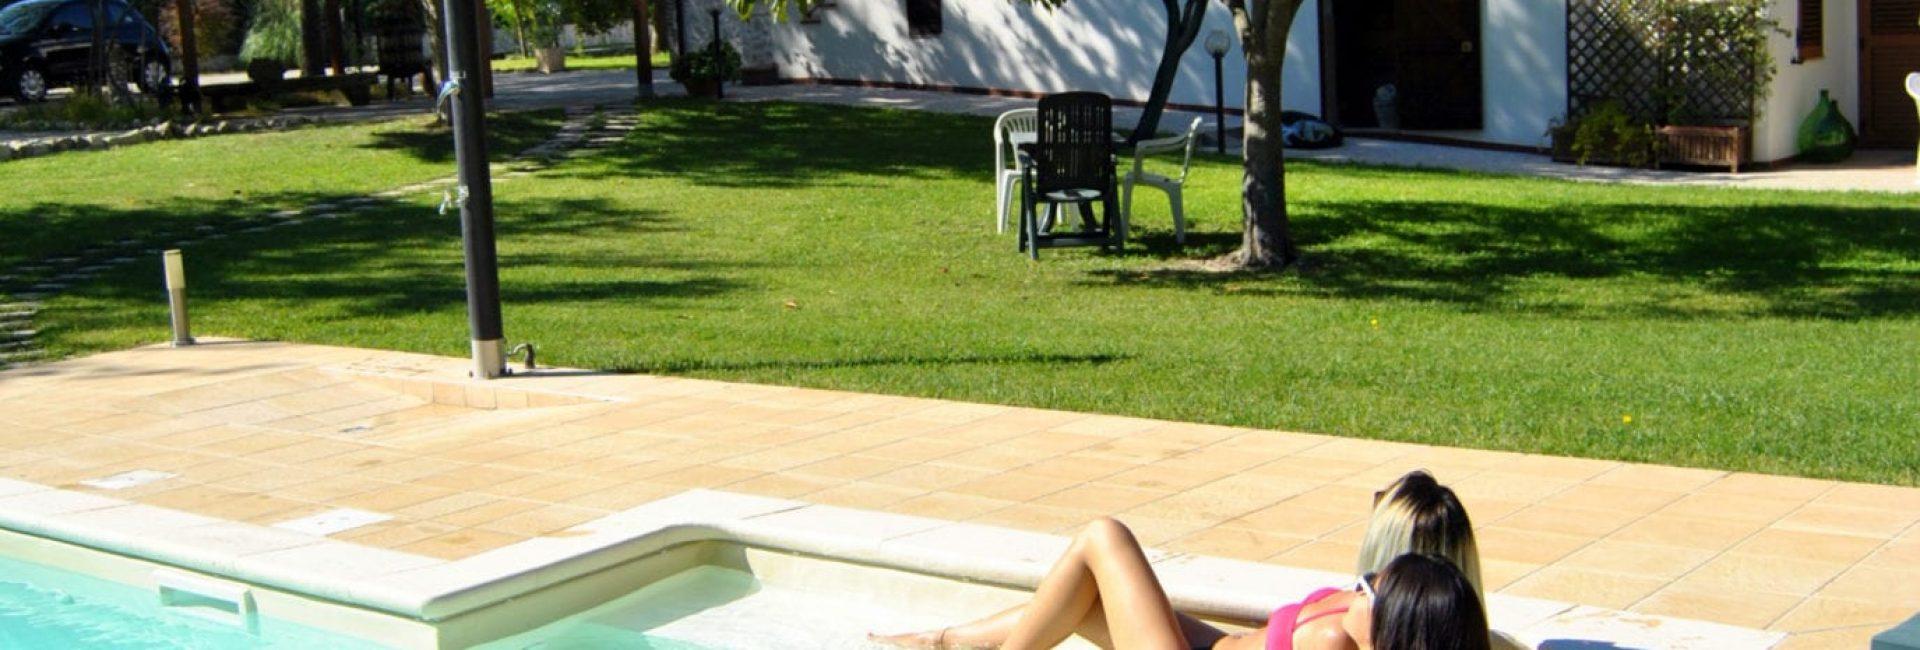 piscina ragazze 6